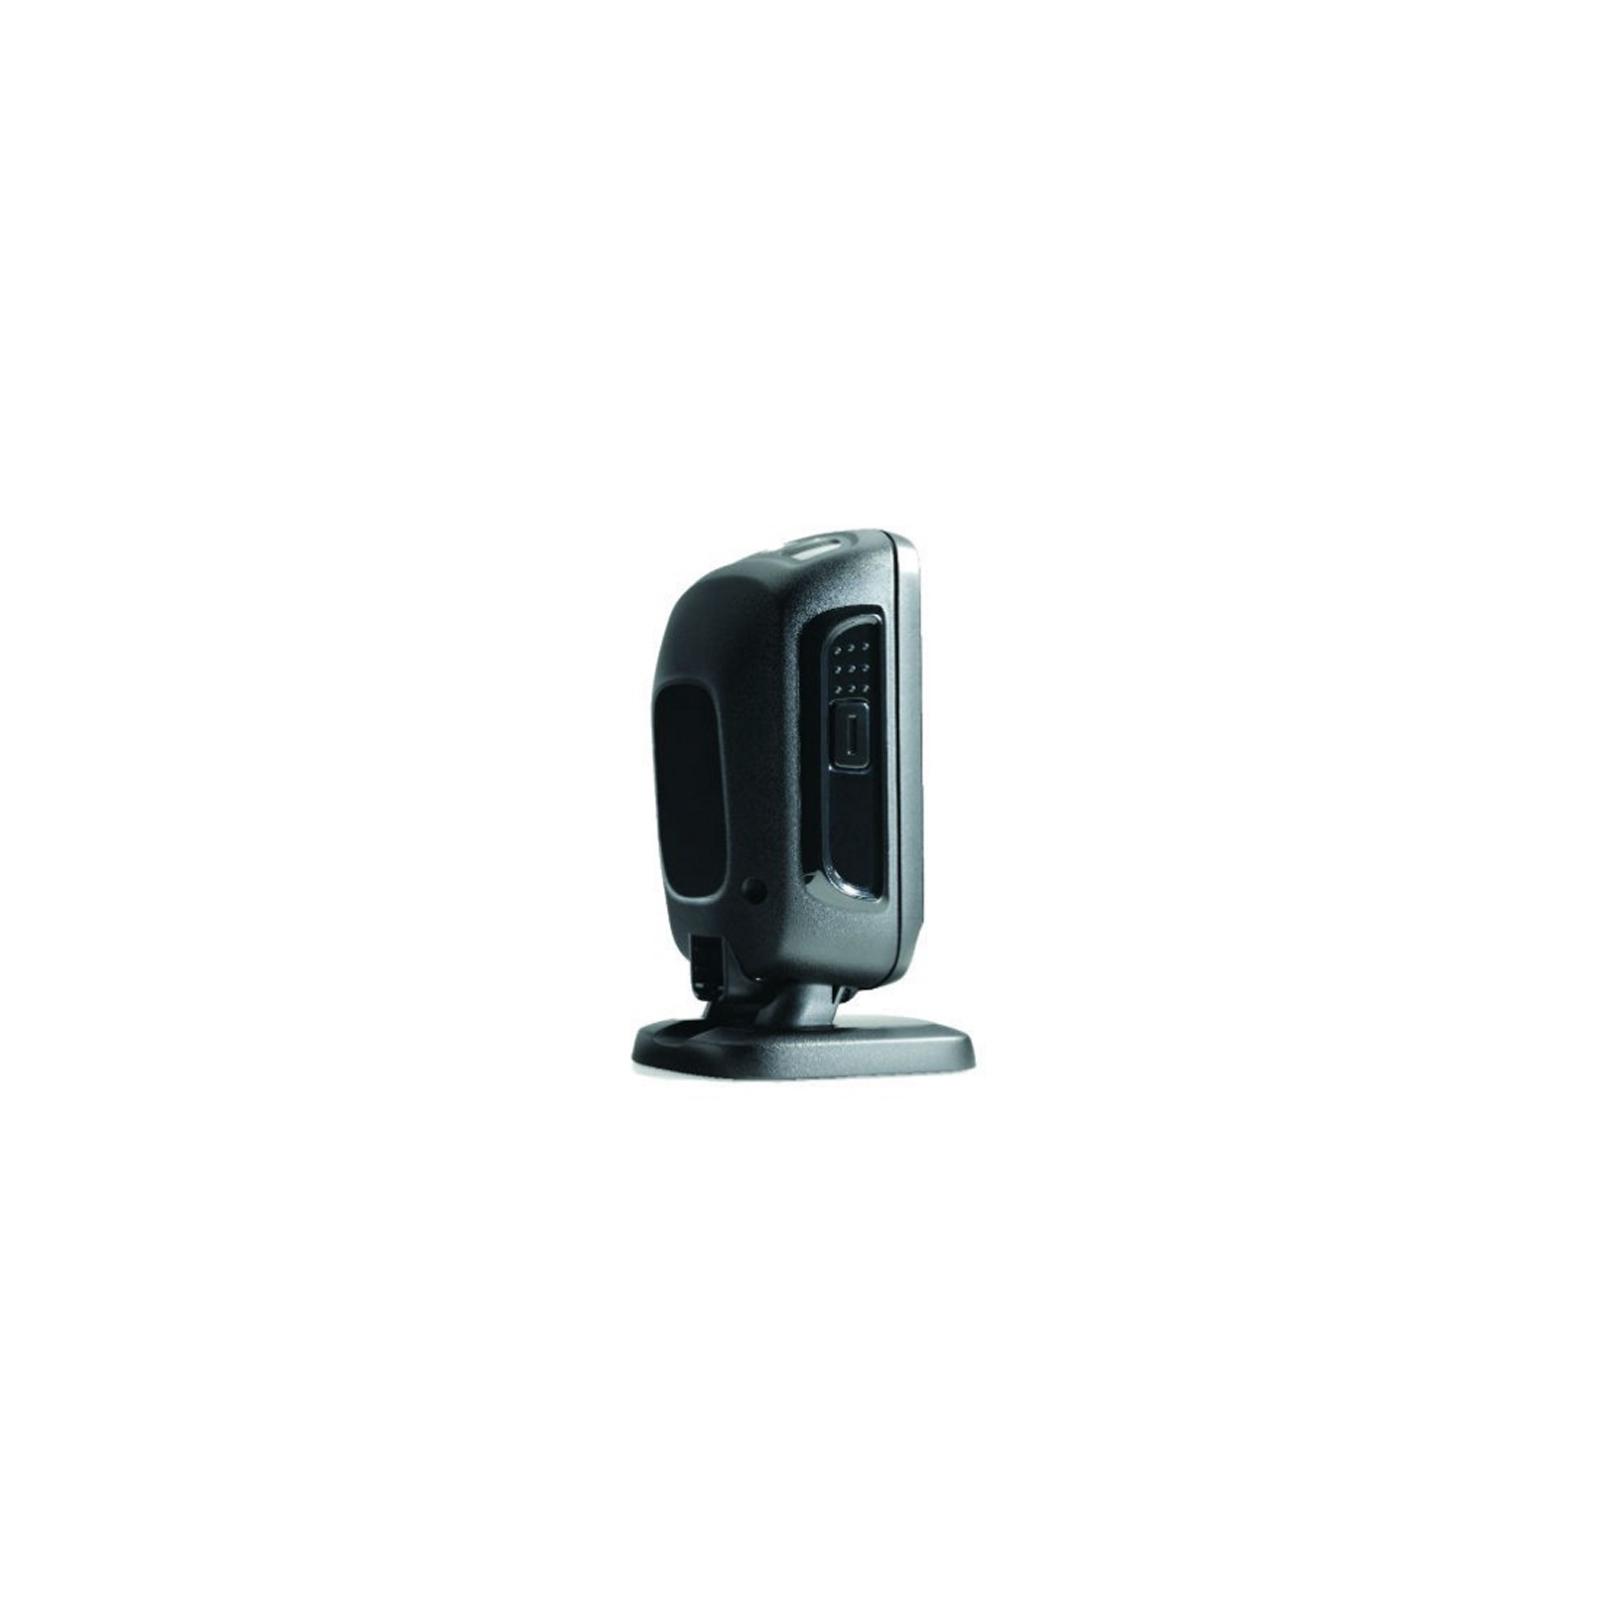 Сканер штрих-кода Symbol/Zebra DS9208 USB (DS9208-SR4NNU21ZE) изображение 3